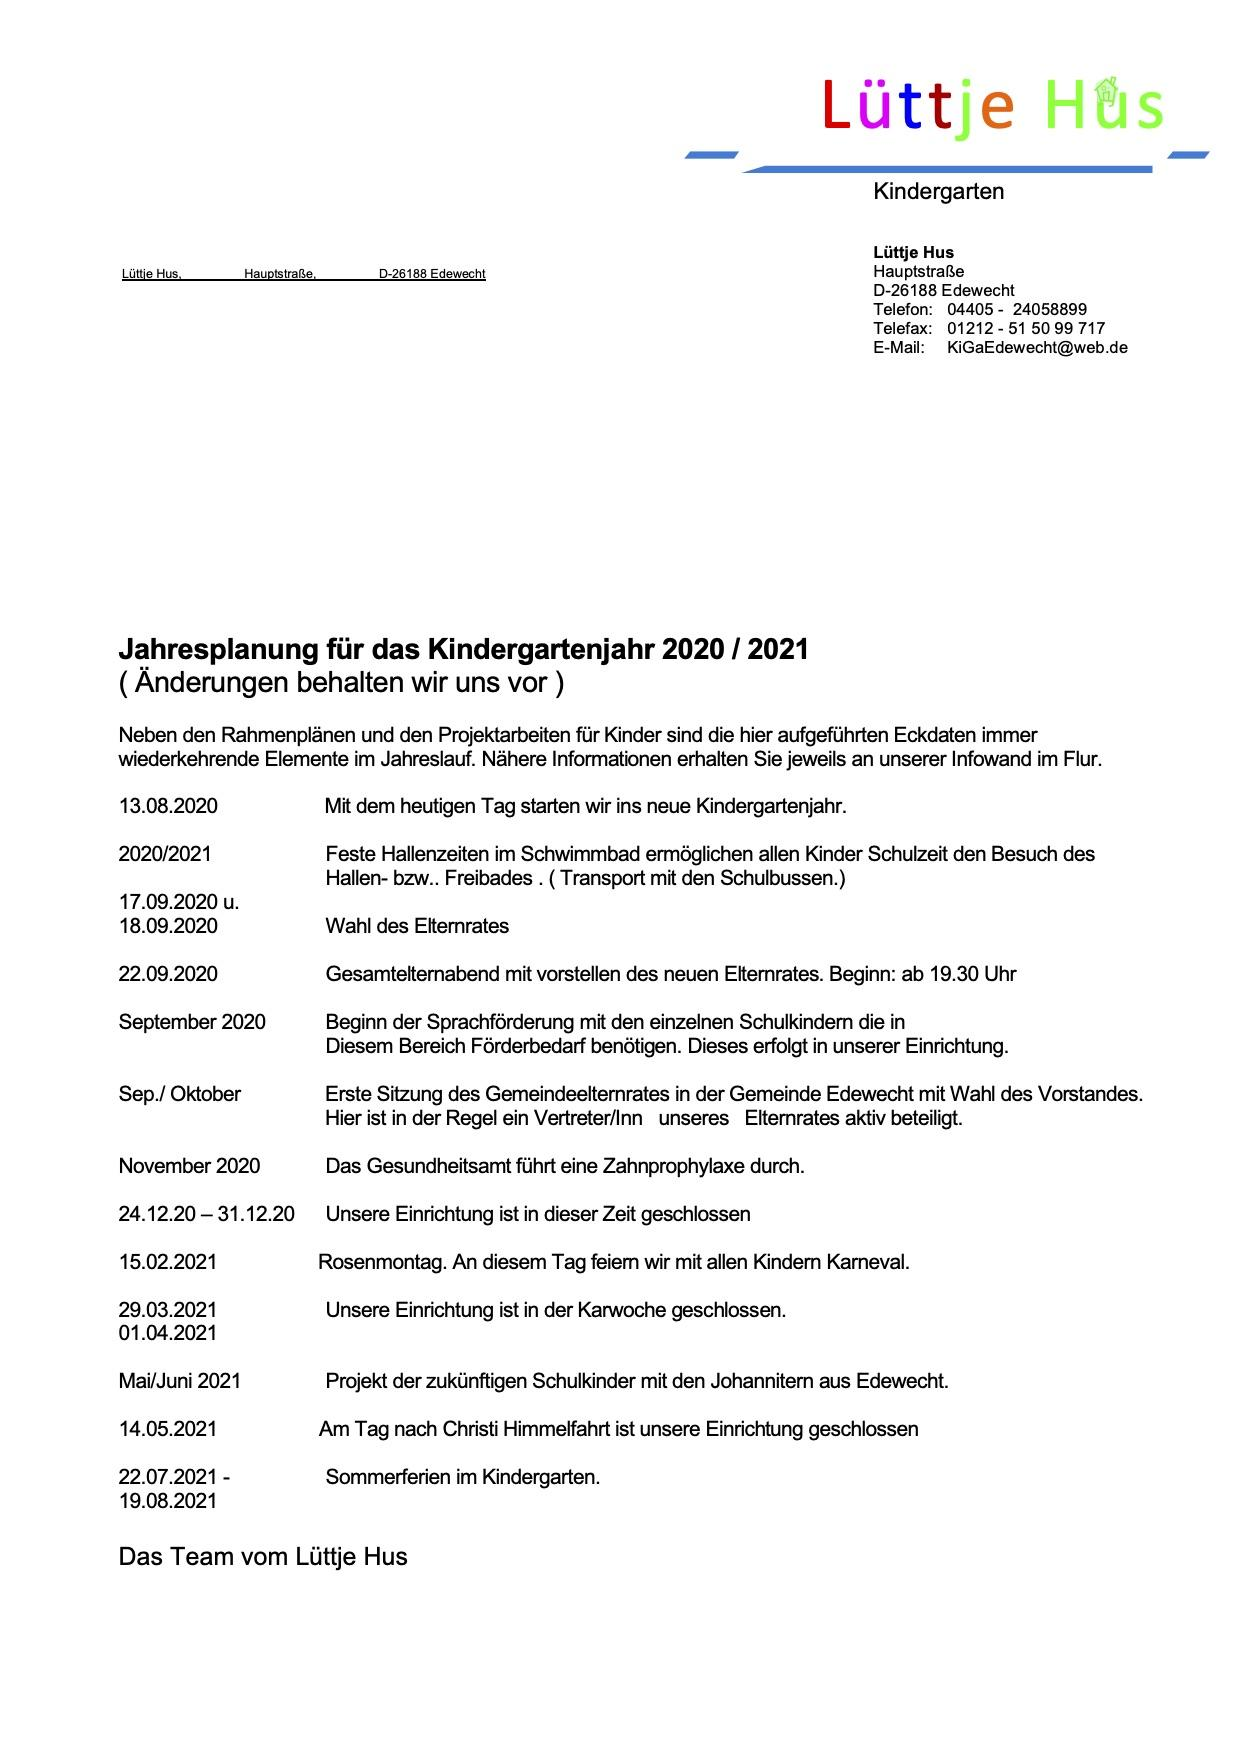 Jahresplaner Kindergartenjahr 2020/2021